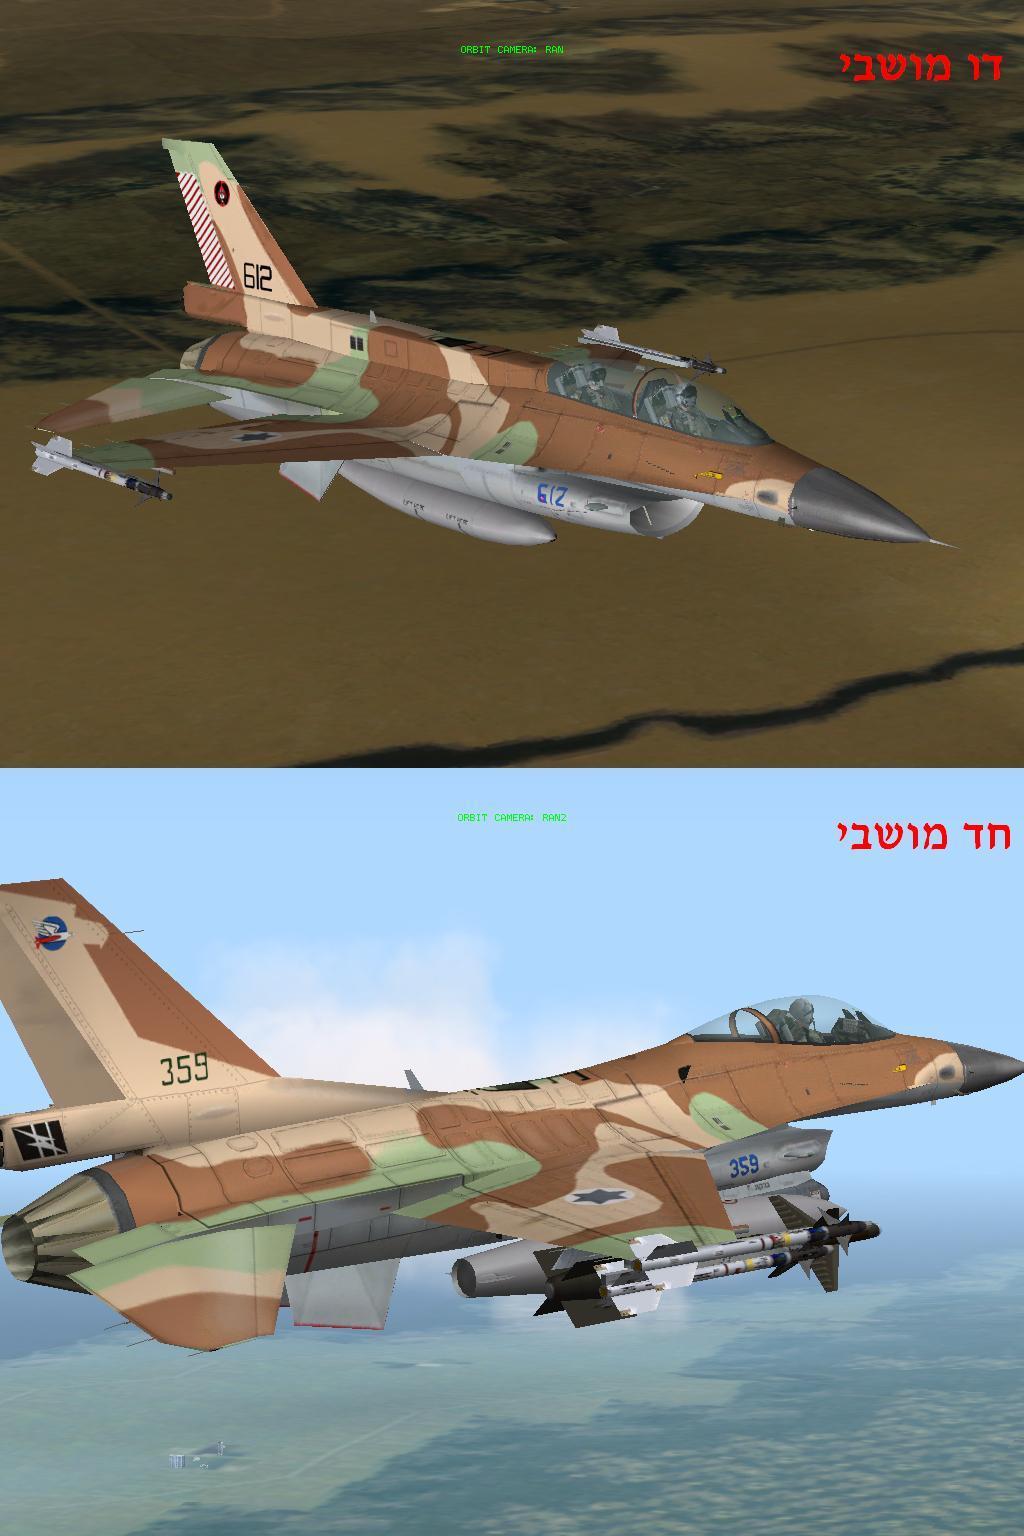 המודלים של הברק החד והדו מושבי עם סקין ישראלי